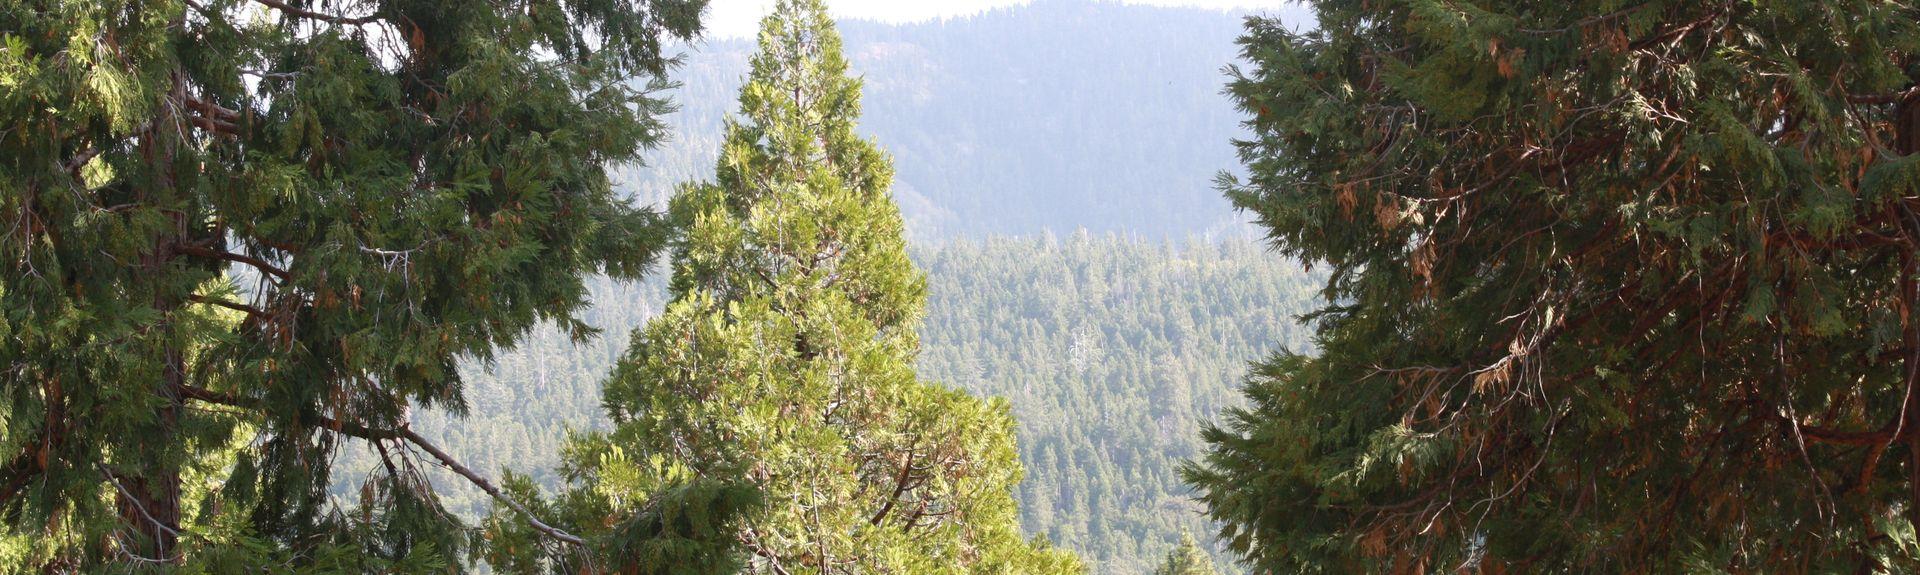 Camp Nelson, Californië, Verenigde Staten